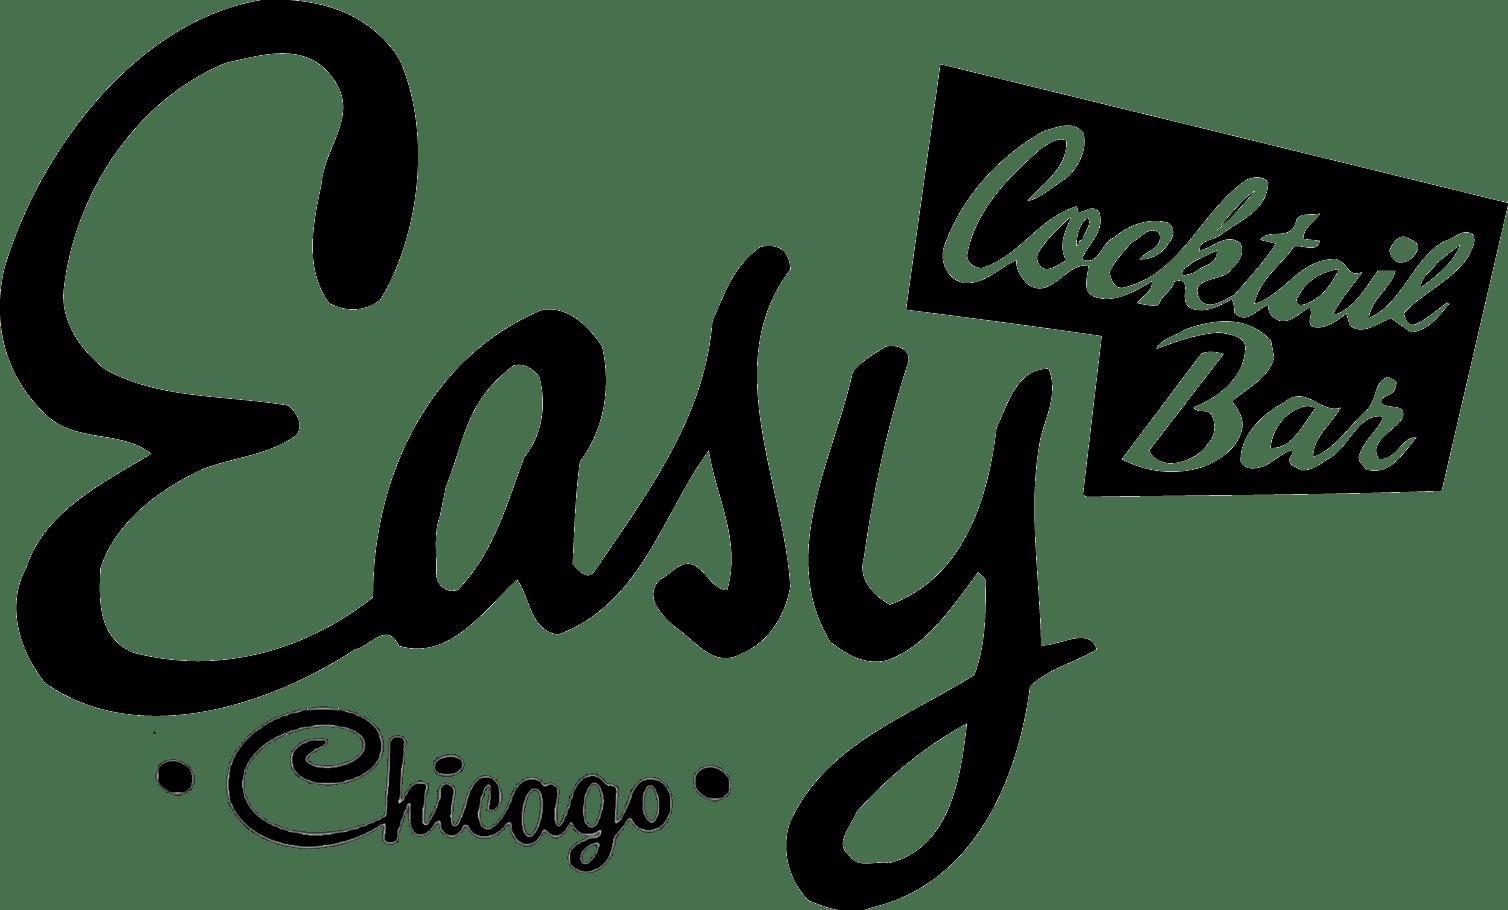 Beer Menu Archives - Easy Bar